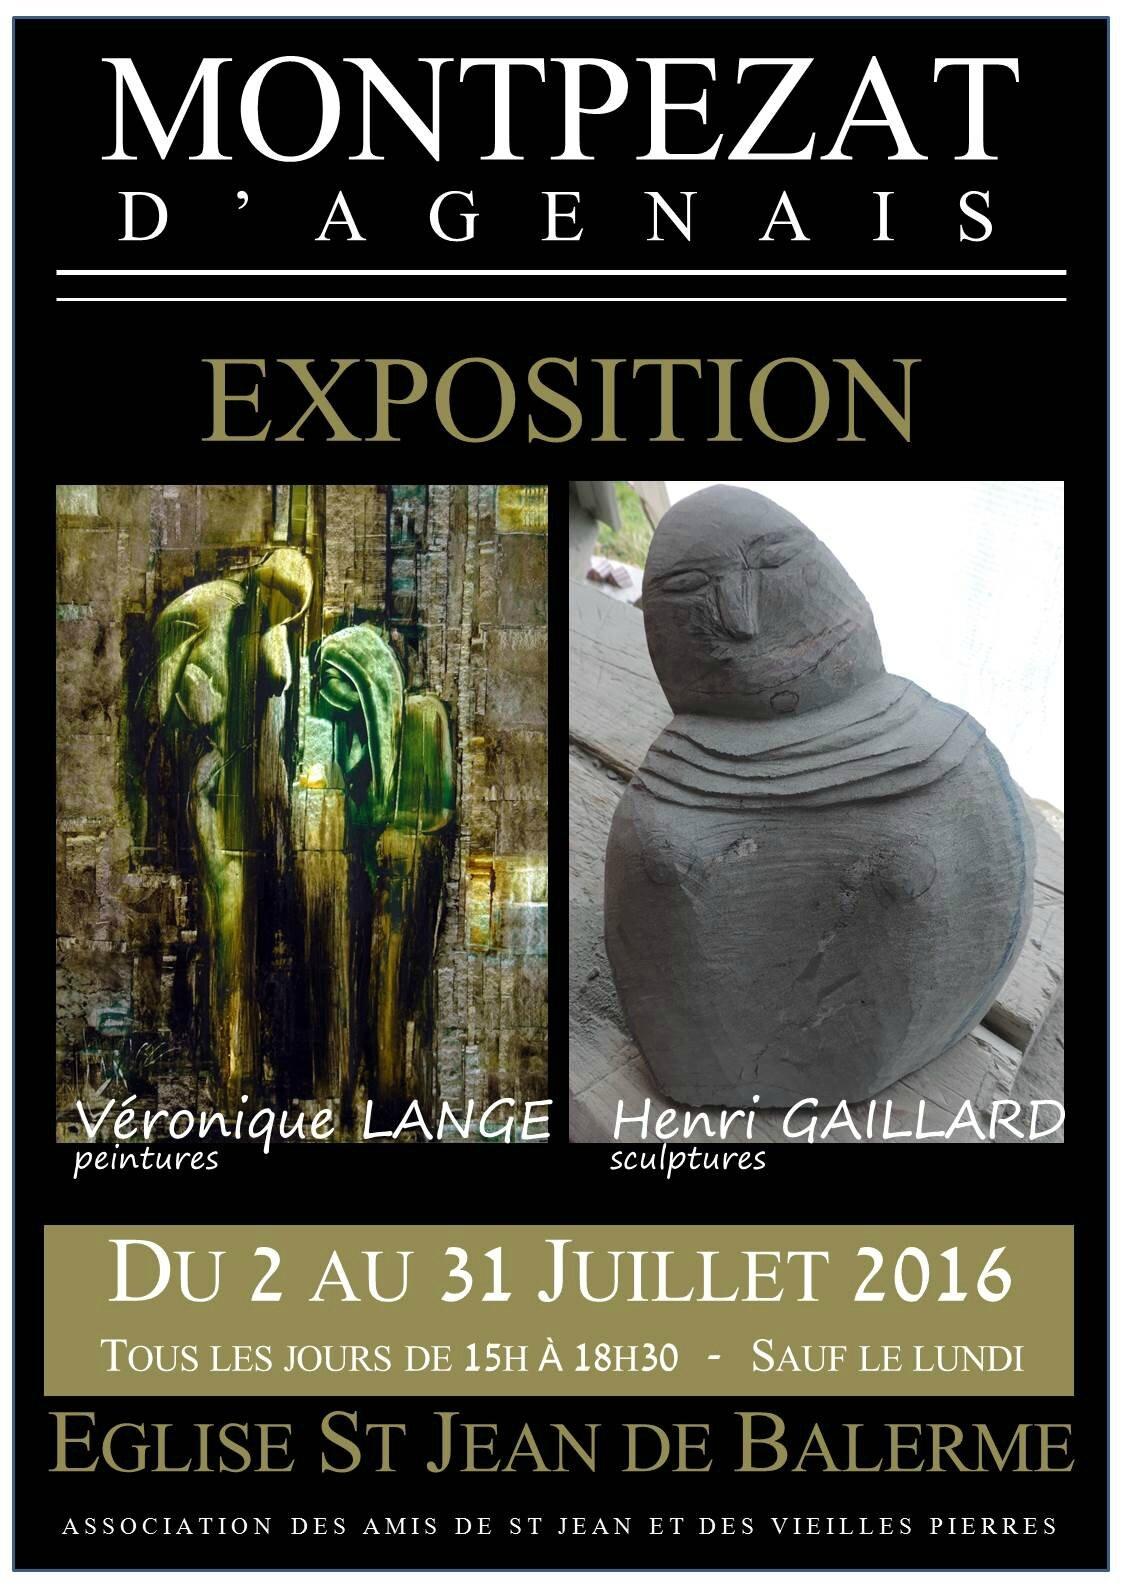 A7 ailleurs : Véronique Lange à Montpezat